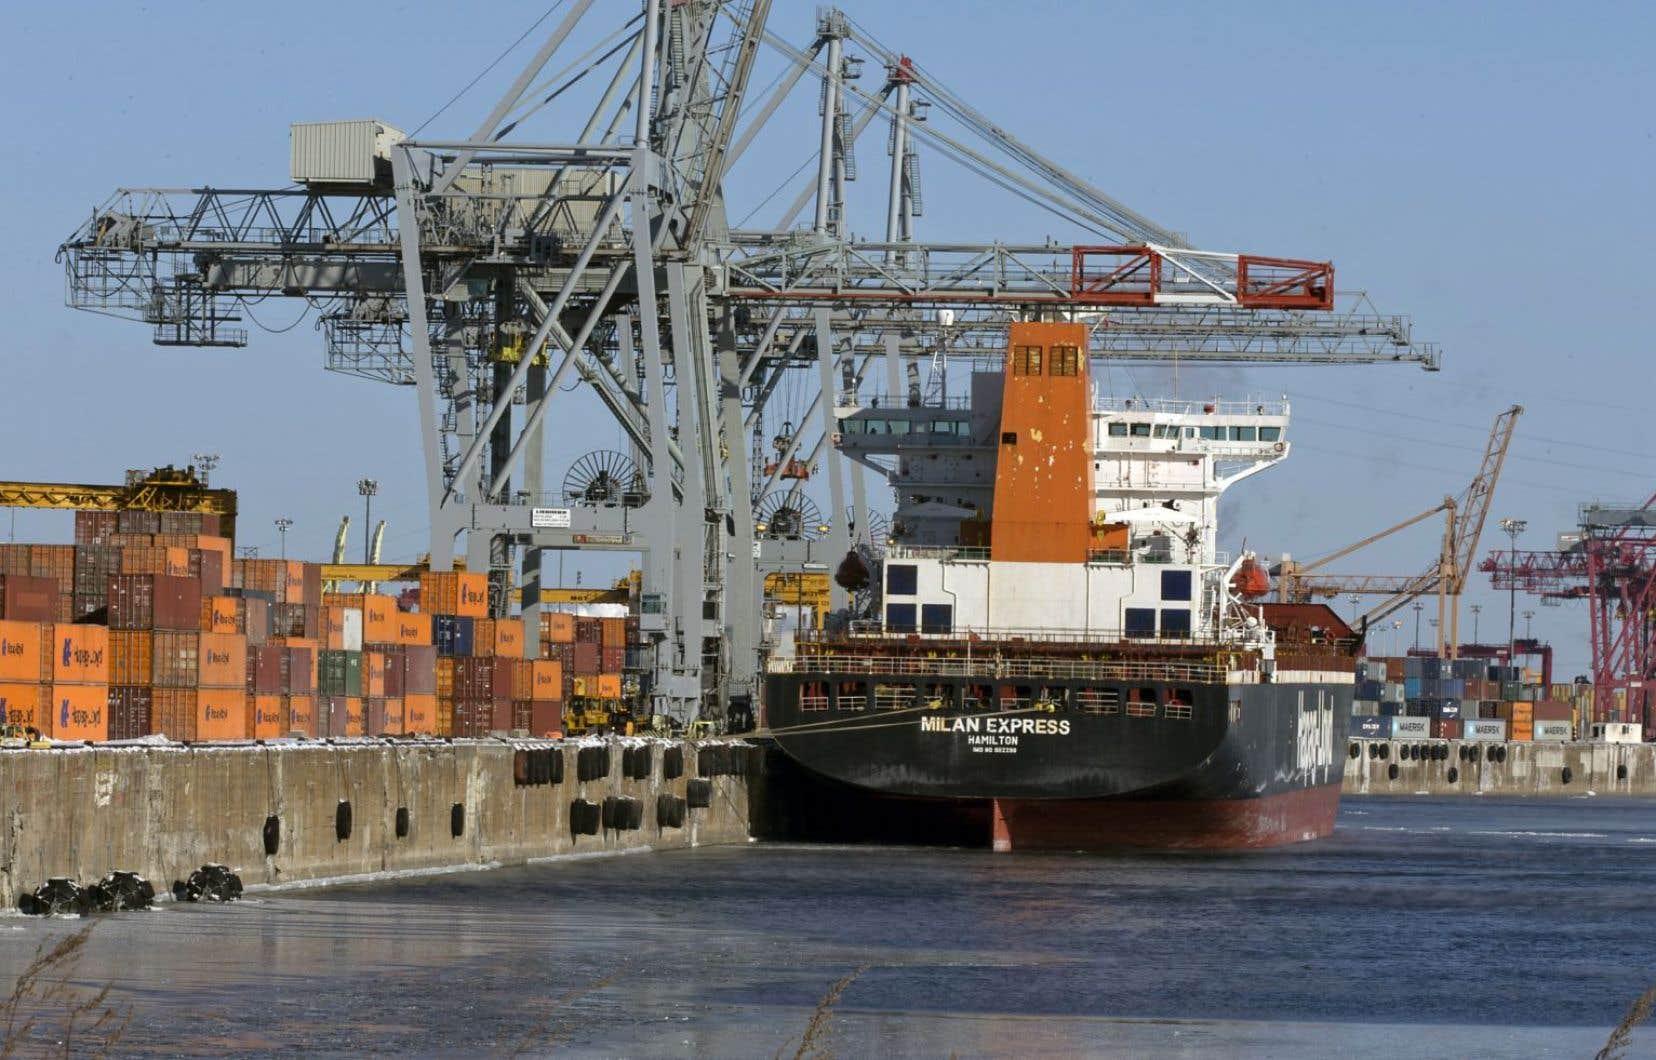 L'activité risque de s'accroître dans le port de Montréal, notamment avec l'entrée en vigueur de l'entente de libre-échange entre le Canada et l'Europe. Les autorités portuaires s'y préparent en affectant 132 millions au développement des infrastructures.